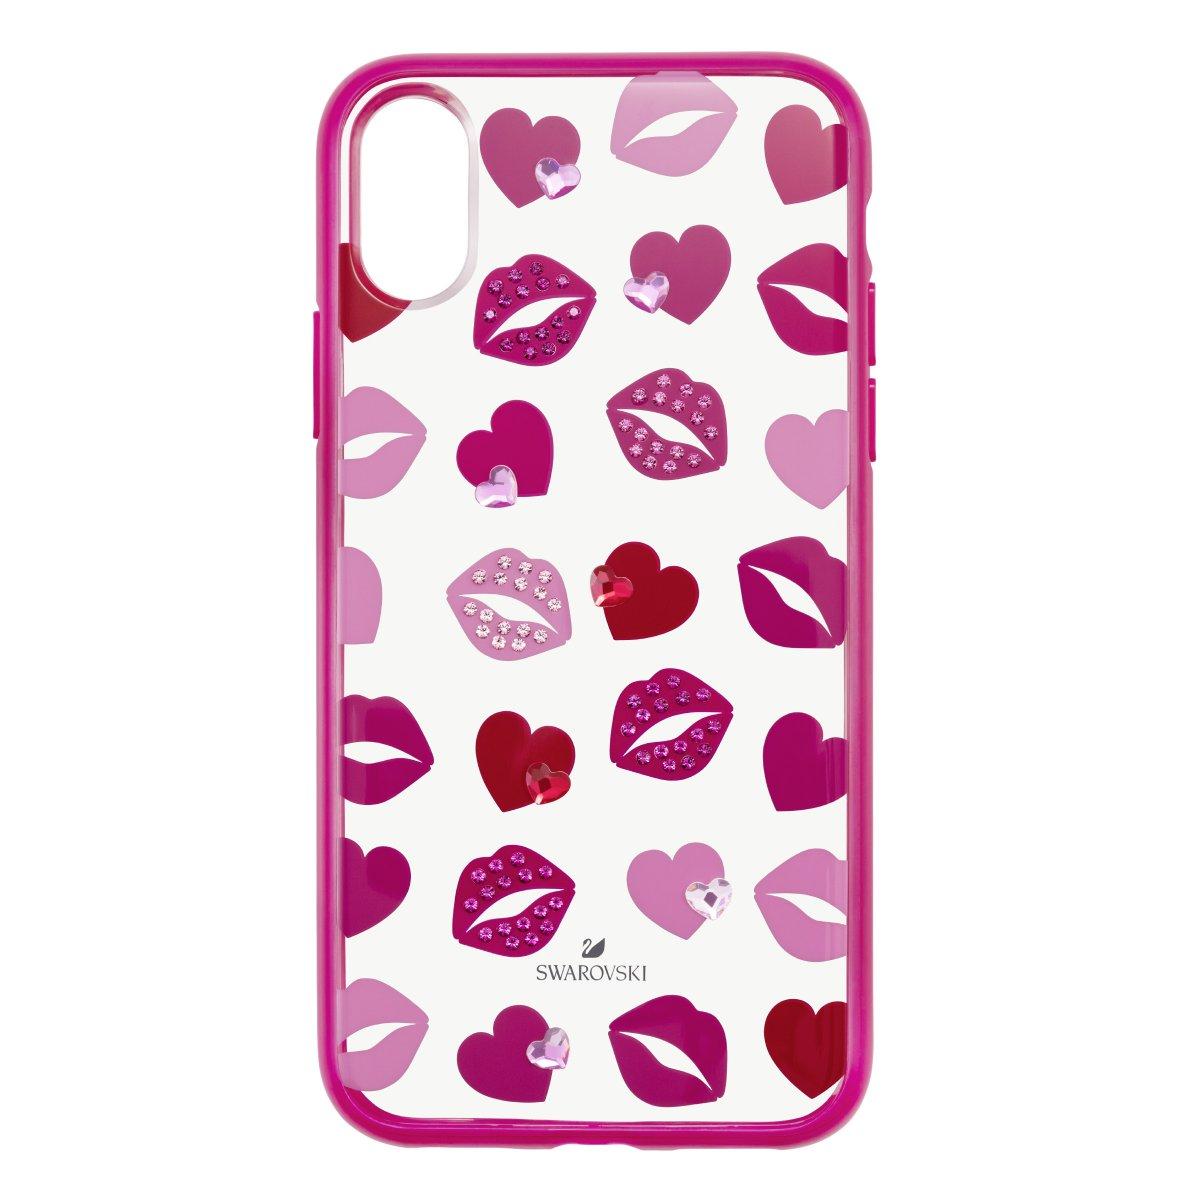 SWAROVSKI kryt na iPhone LOVELY IPX:CASE PINK